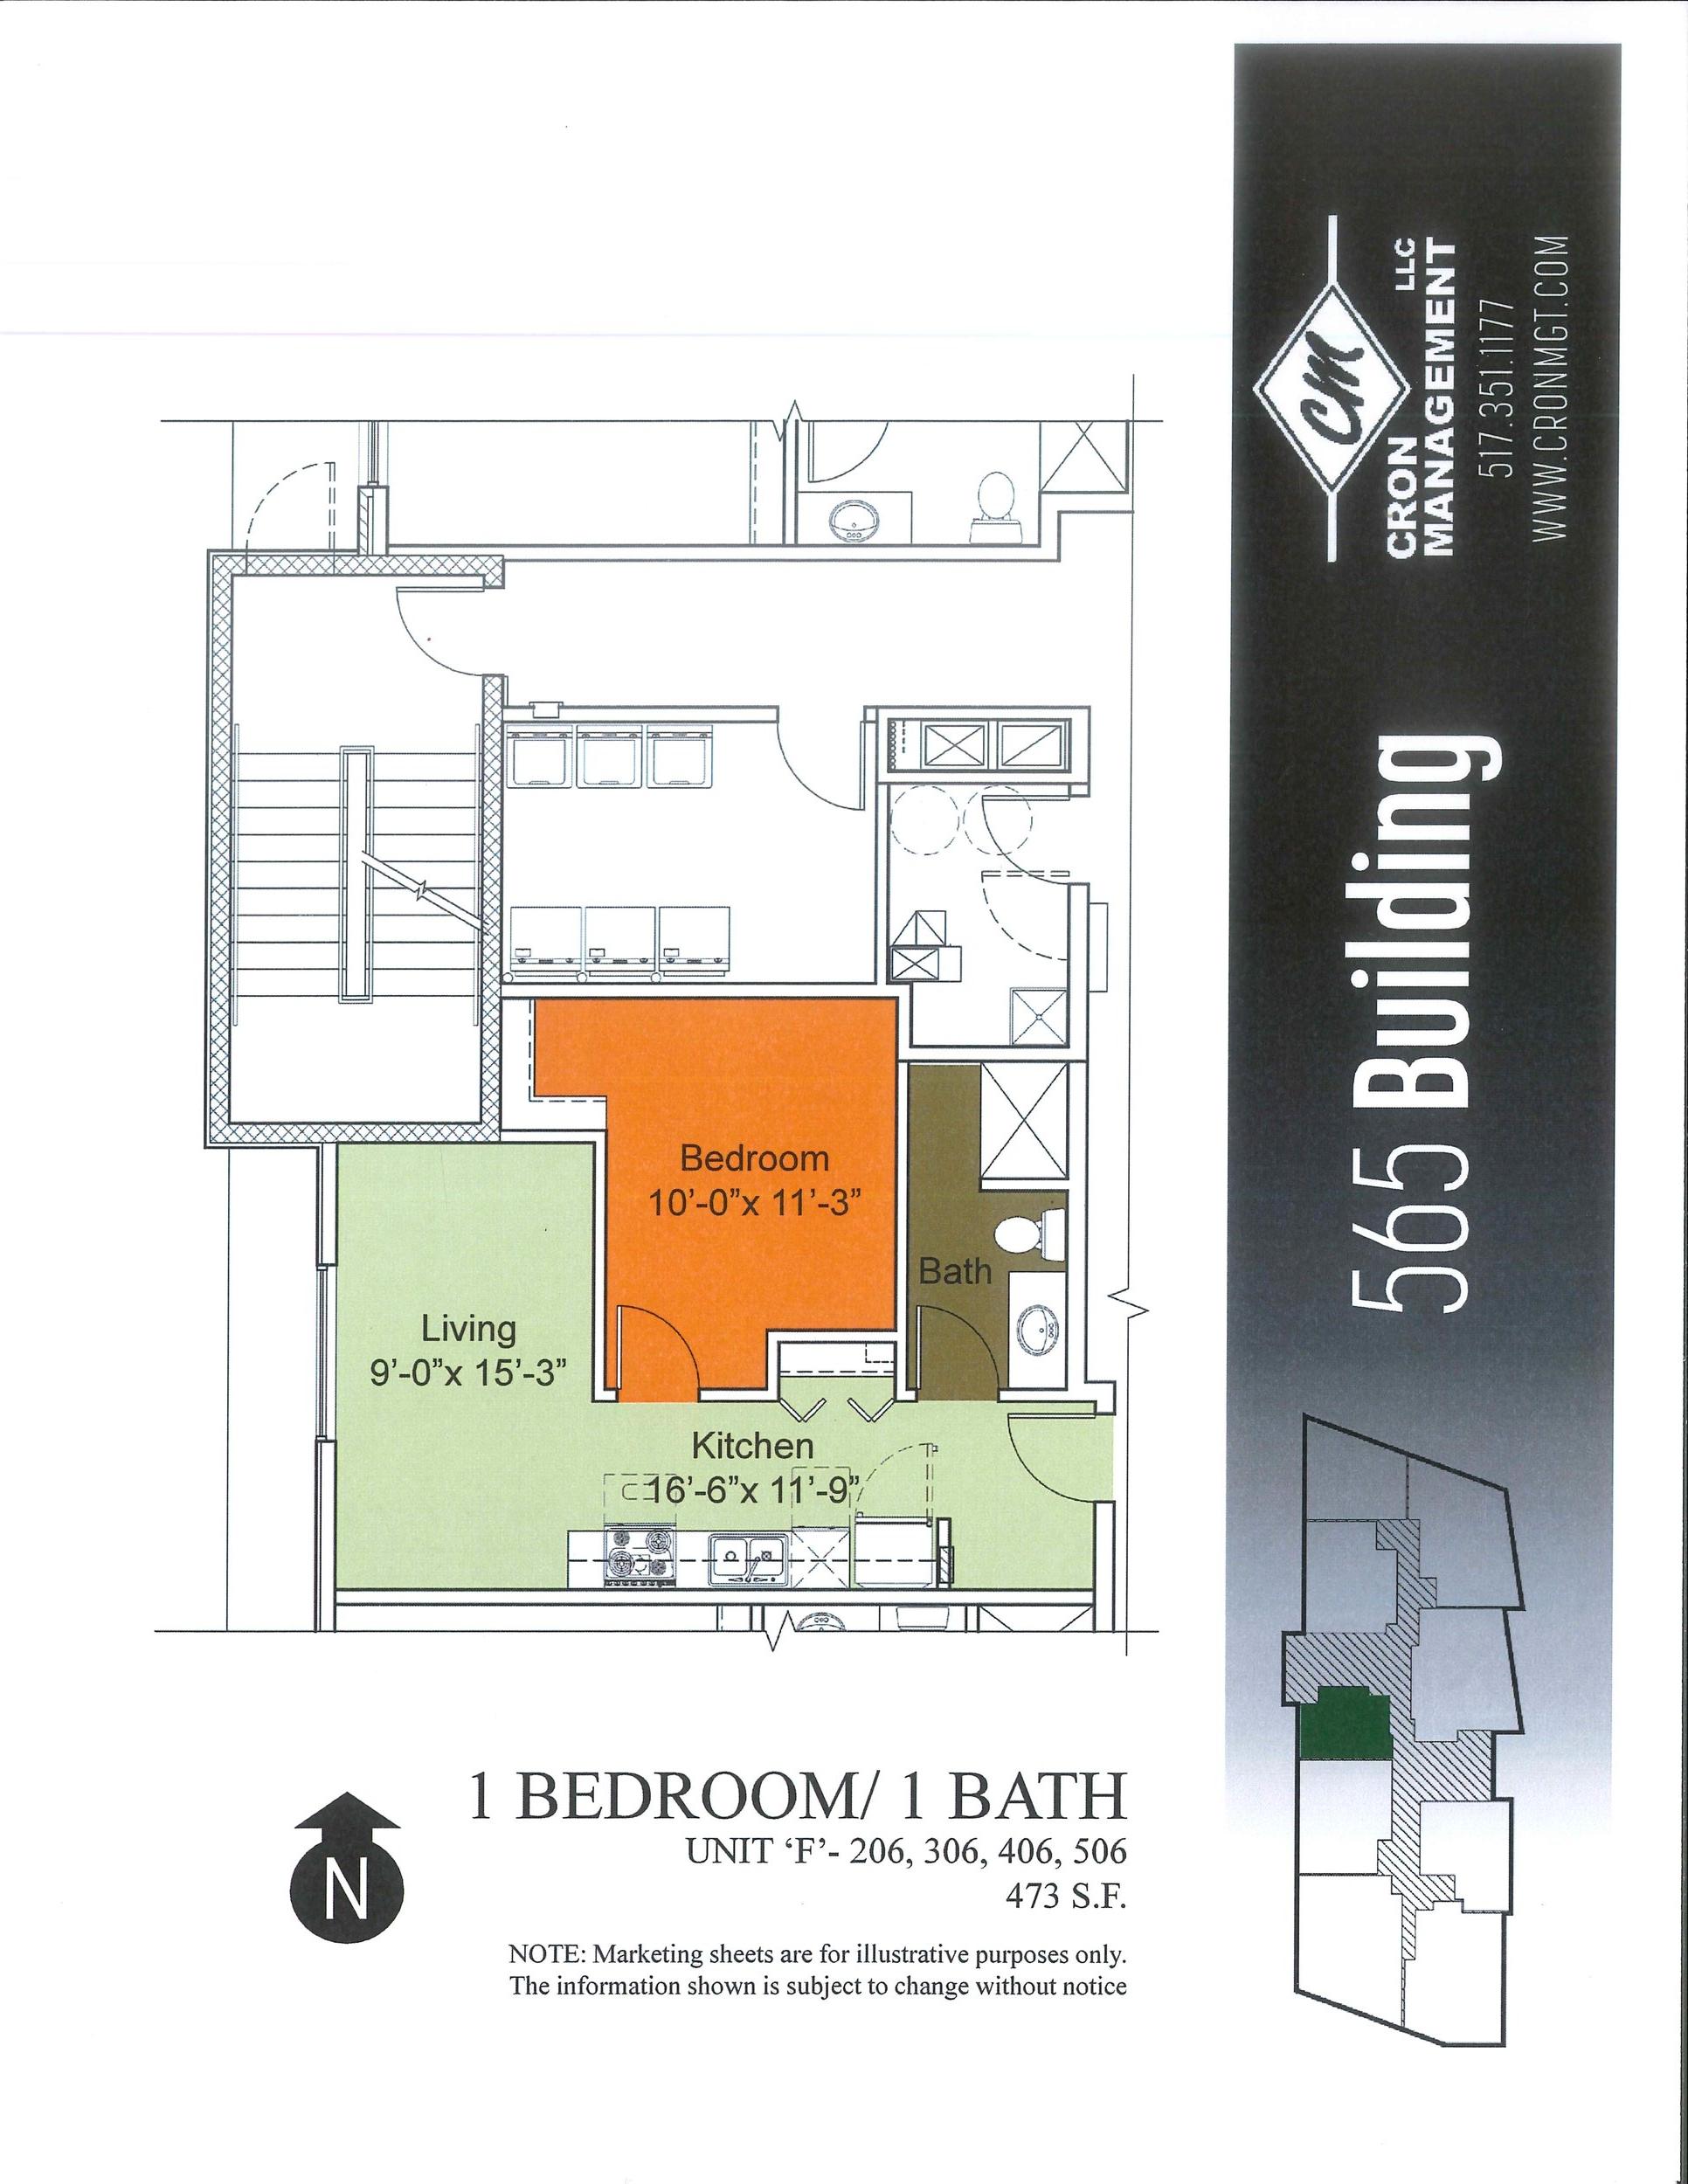 206-506- One Bedroom